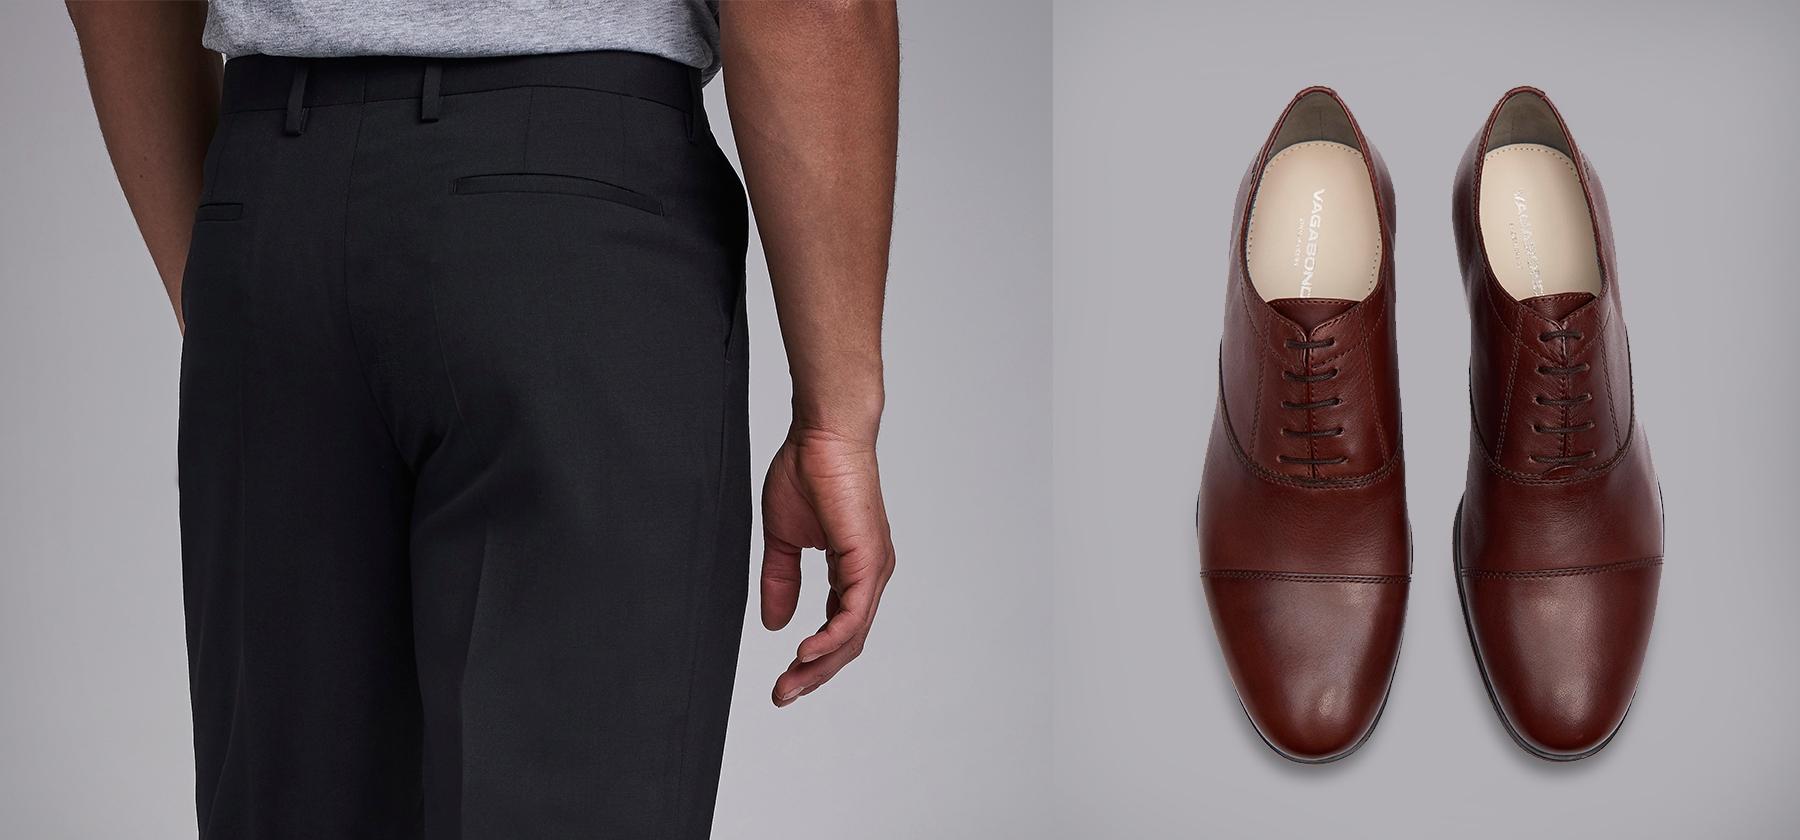 d307ef8d I årevis har man dratt seg i håret i fortvilelse over spørsmålet om man kan  matche brune sko med svarte bukser eller ikke.